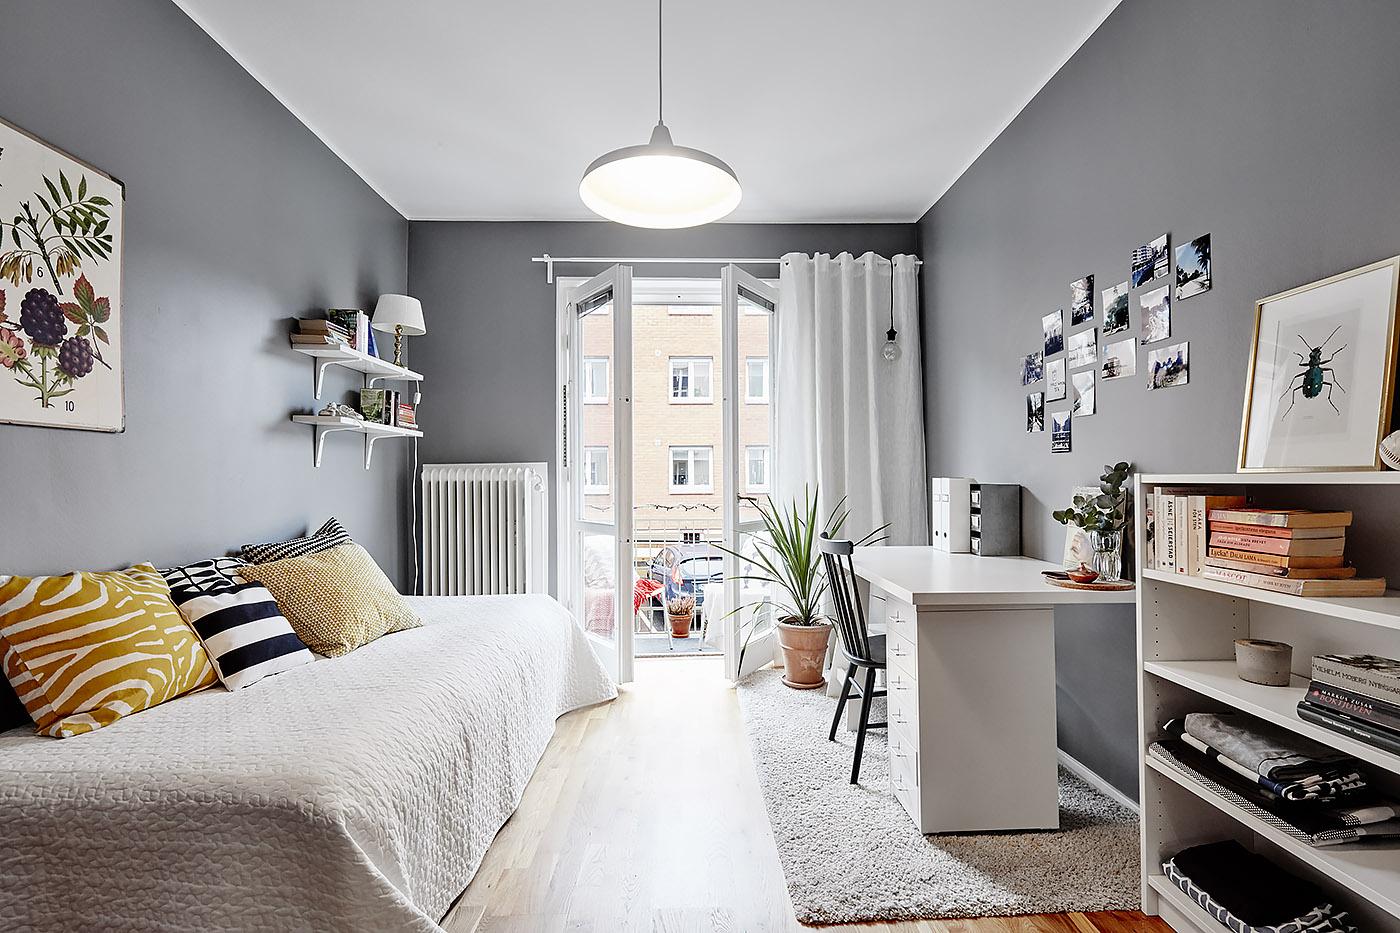 Habitaciones juveniles de estilo n rdico blog tienda - Habitaciones juveniles con estilo ...